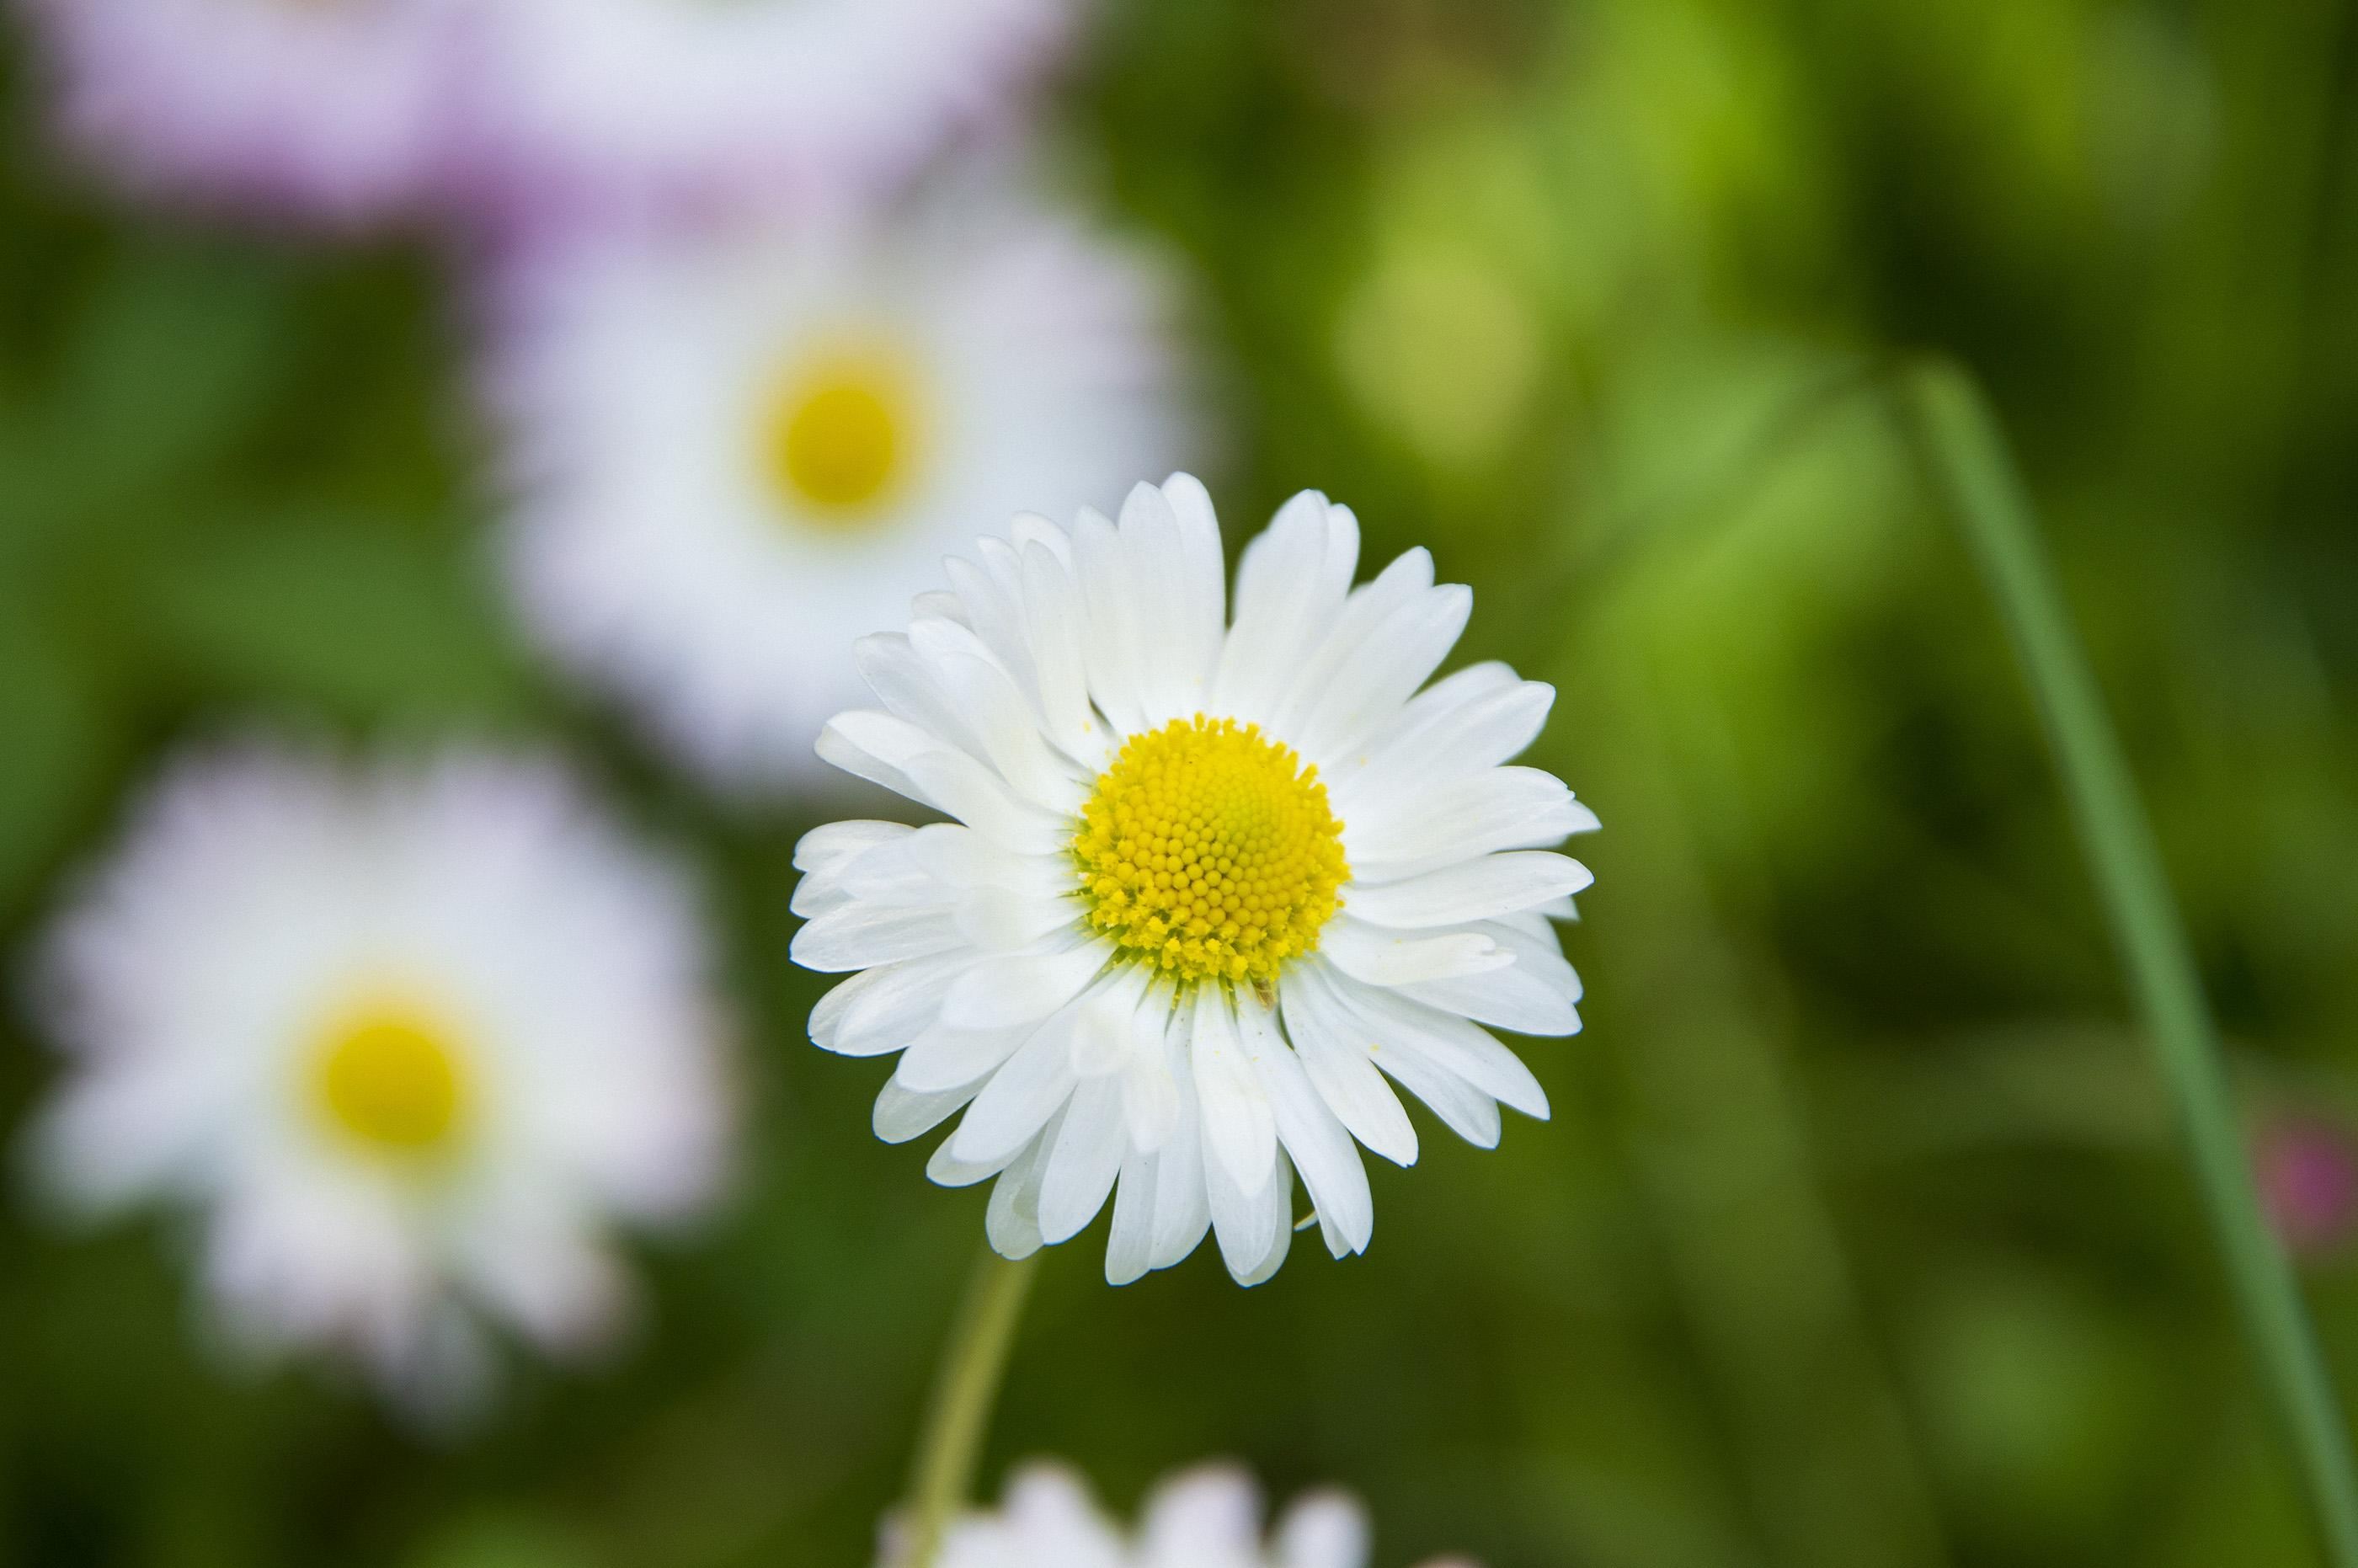 Saulutė - pievų gėlė